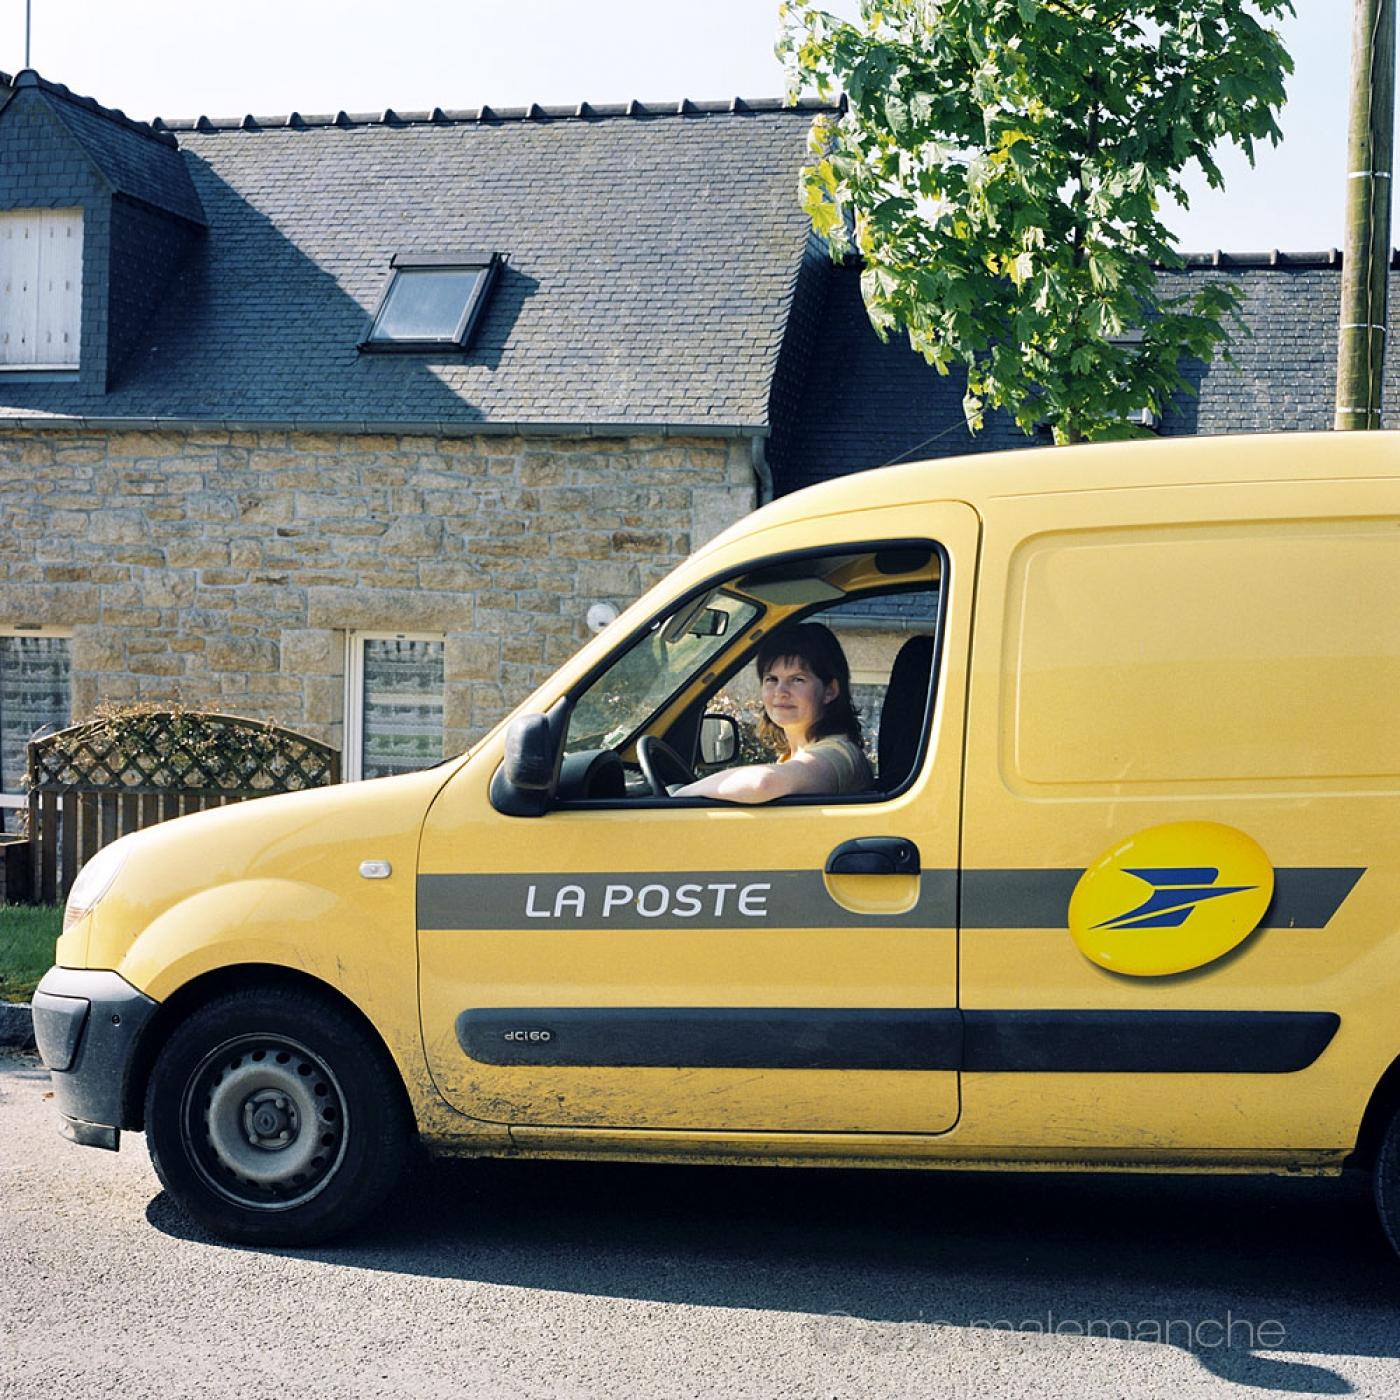 https://www.ericmalemanche.com/imagess/topics/les-bretons-de-l-argoat/liste/les-bretons-au-quotidien.jpg